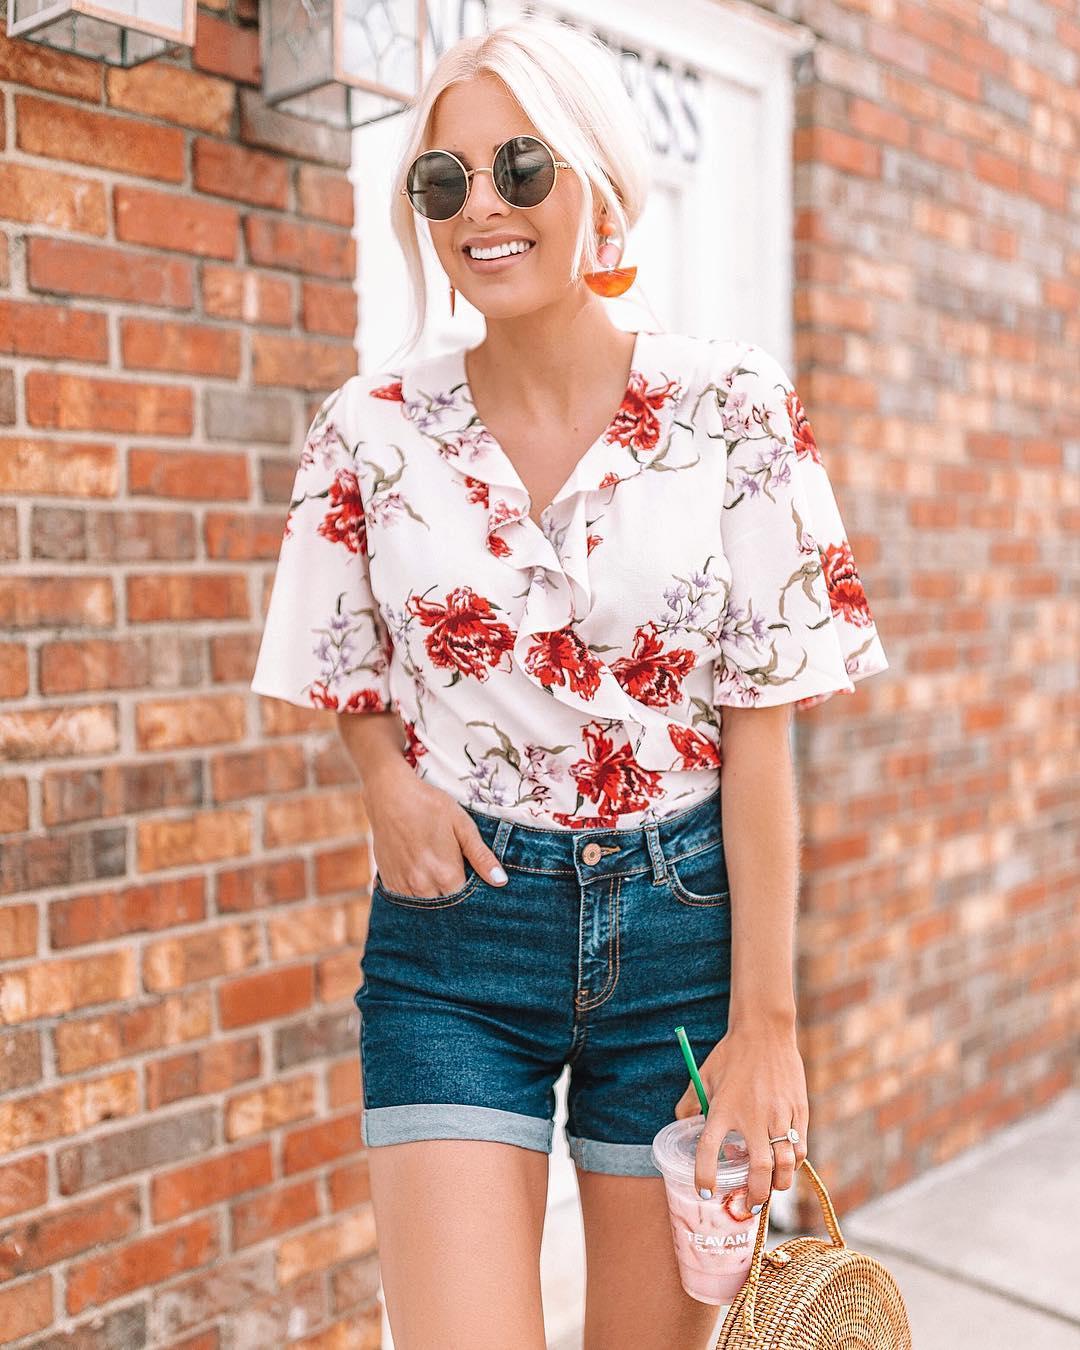 модный летние образы с цветочным принтом фото 10